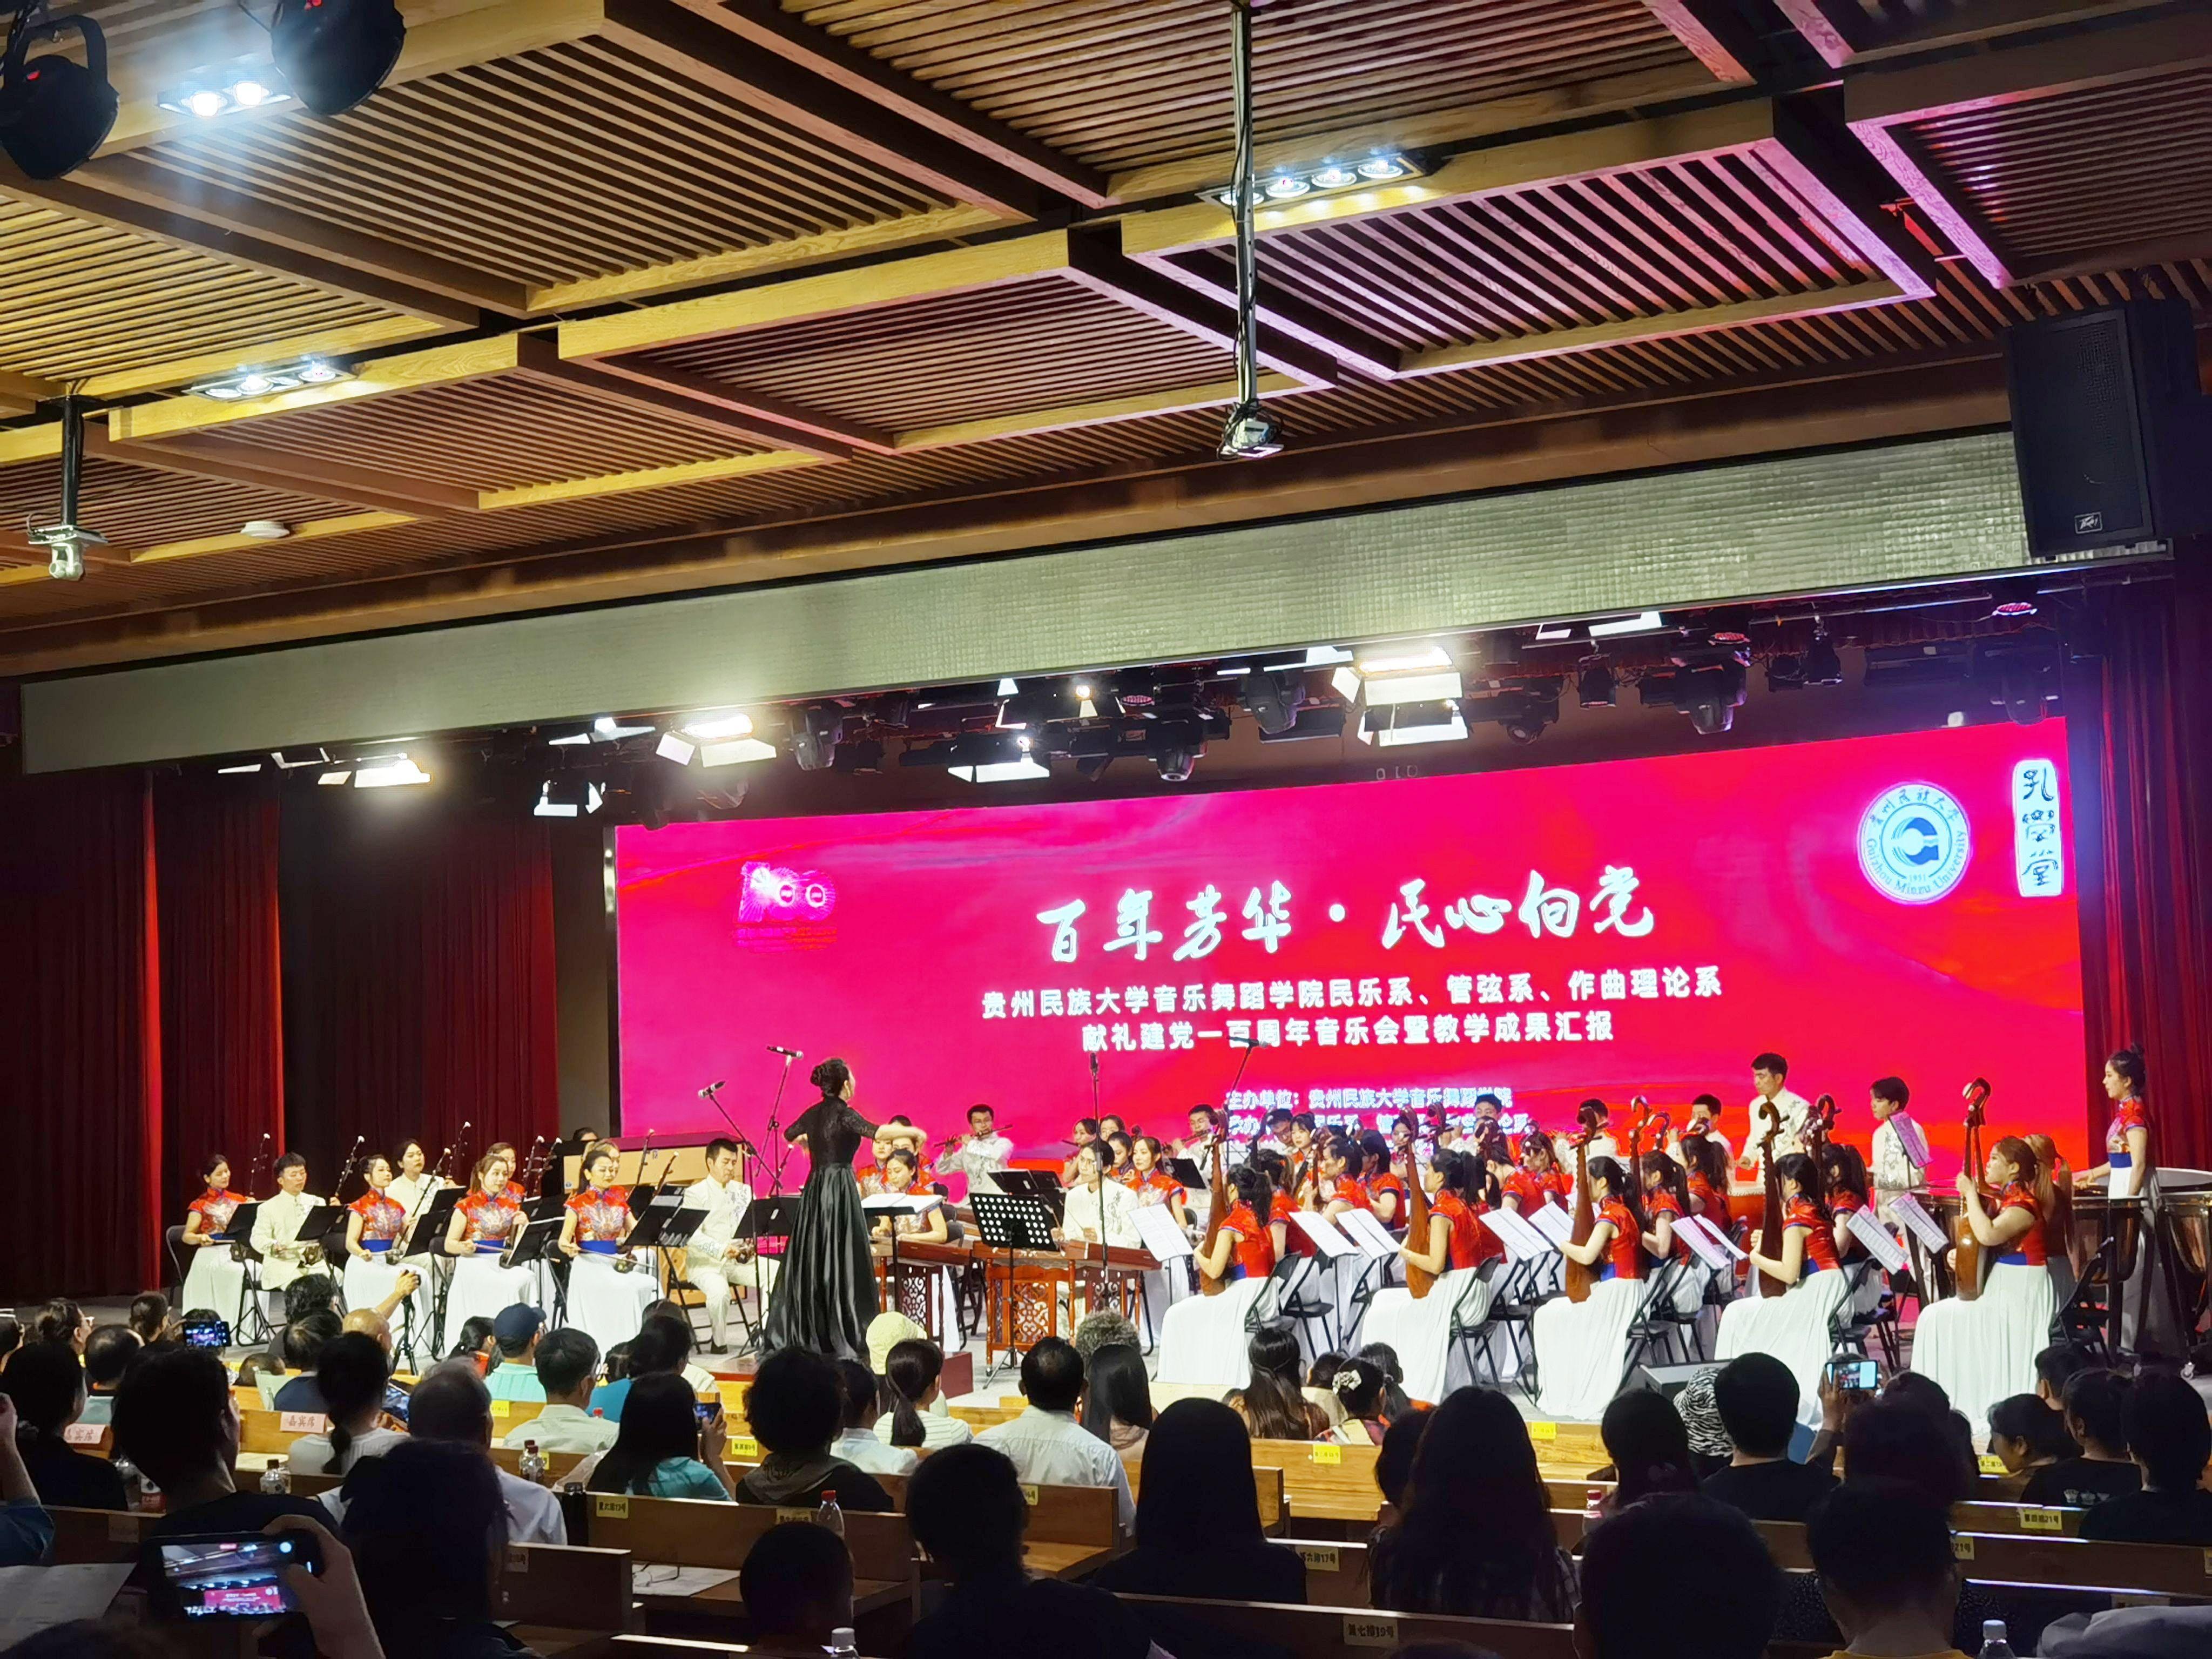 贵州民族大学音乐舞蹈学院庆祝中国共产党成立100周年音乐会暨教学成果汇报圆满落幕!